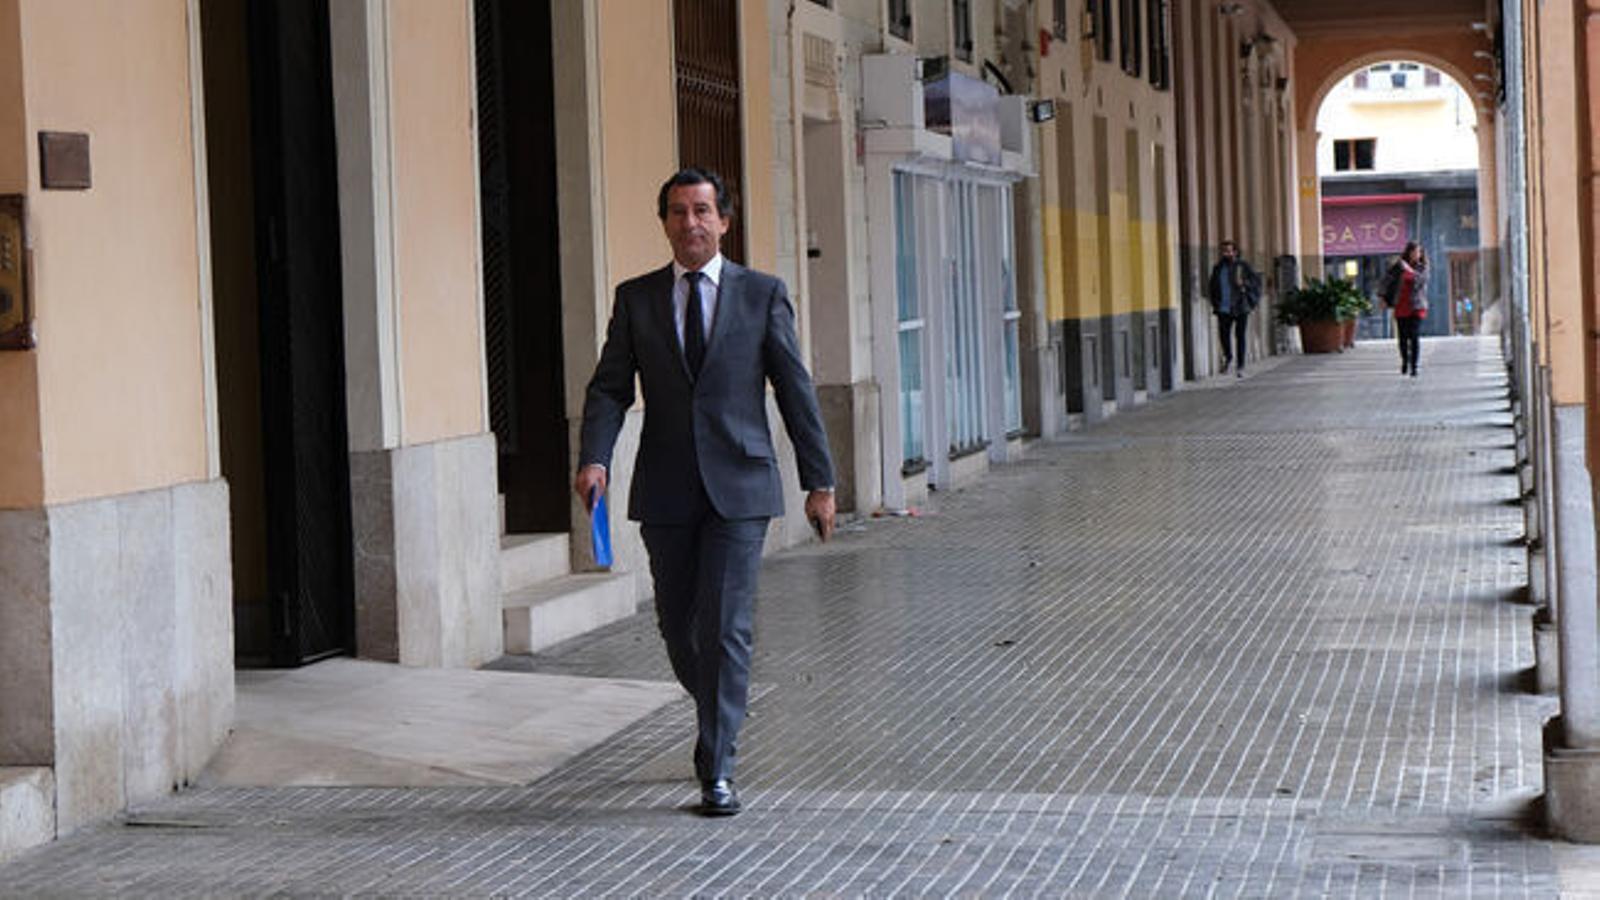 El president del PP balear, Biel Company, arribant al Parlament. / ISAAC BUJ